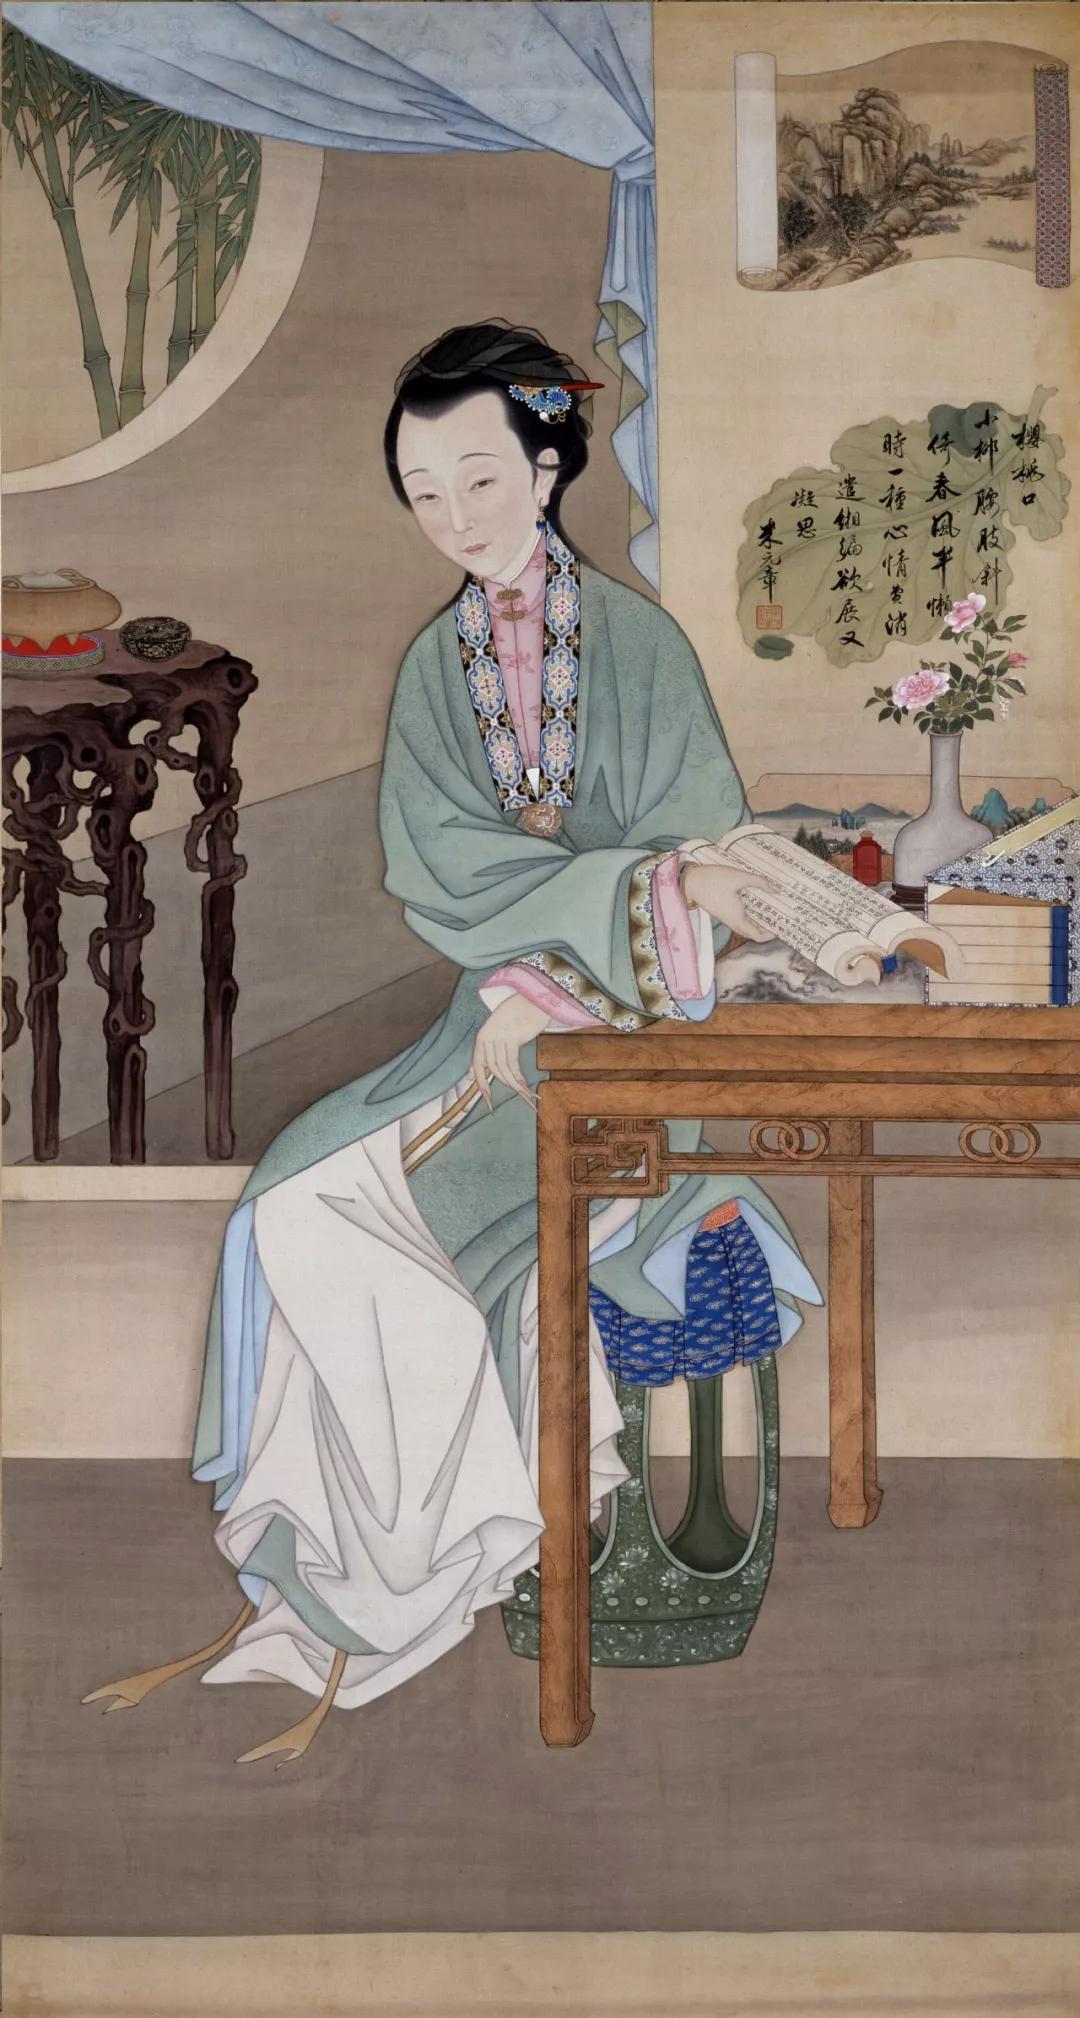 清朝宫廷的美女,原来是这般的模样